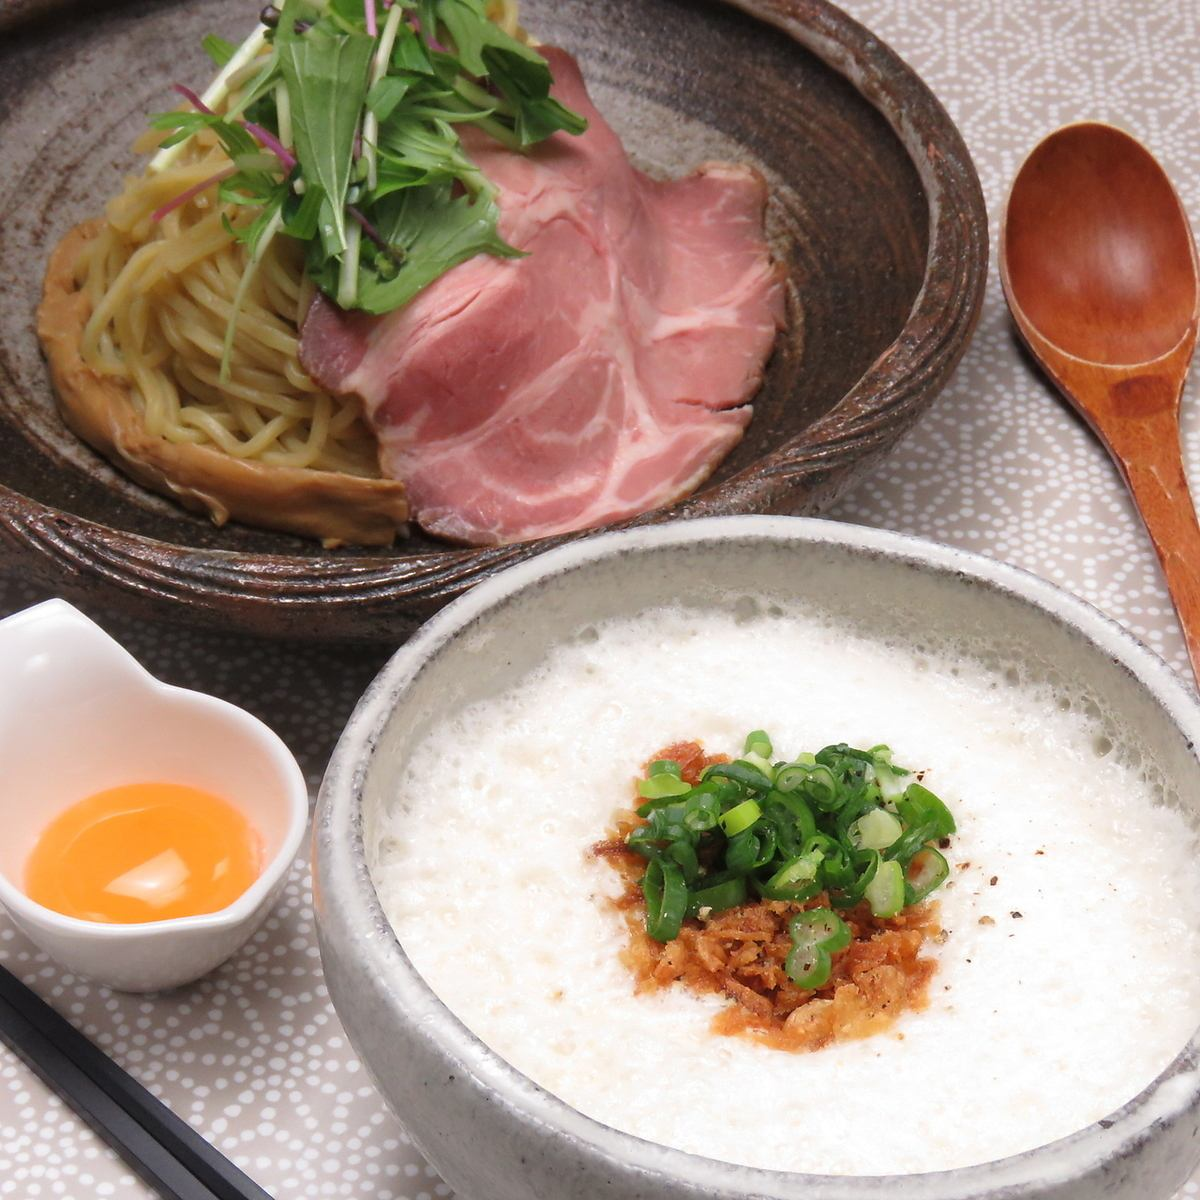 【北加賀屋商店街すぐ】夜限定メニューや一風変わった麺も楽しめる人気ラーメン店!